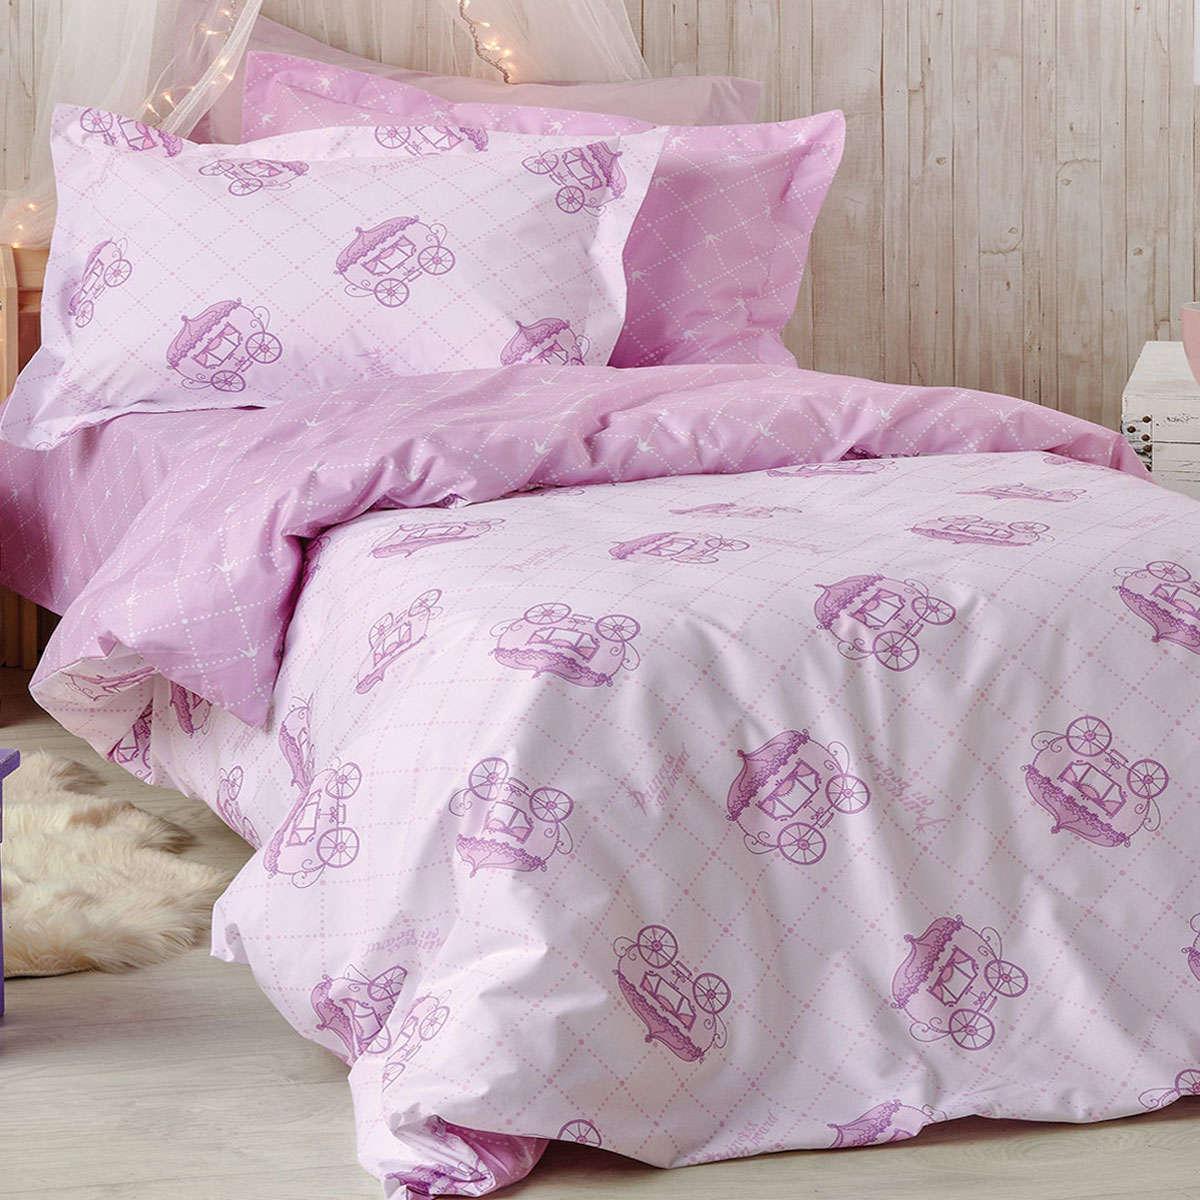 Παιδική Μαξιλαροθήκη Tiara Pink Kentia 50Χ70 50x70cm